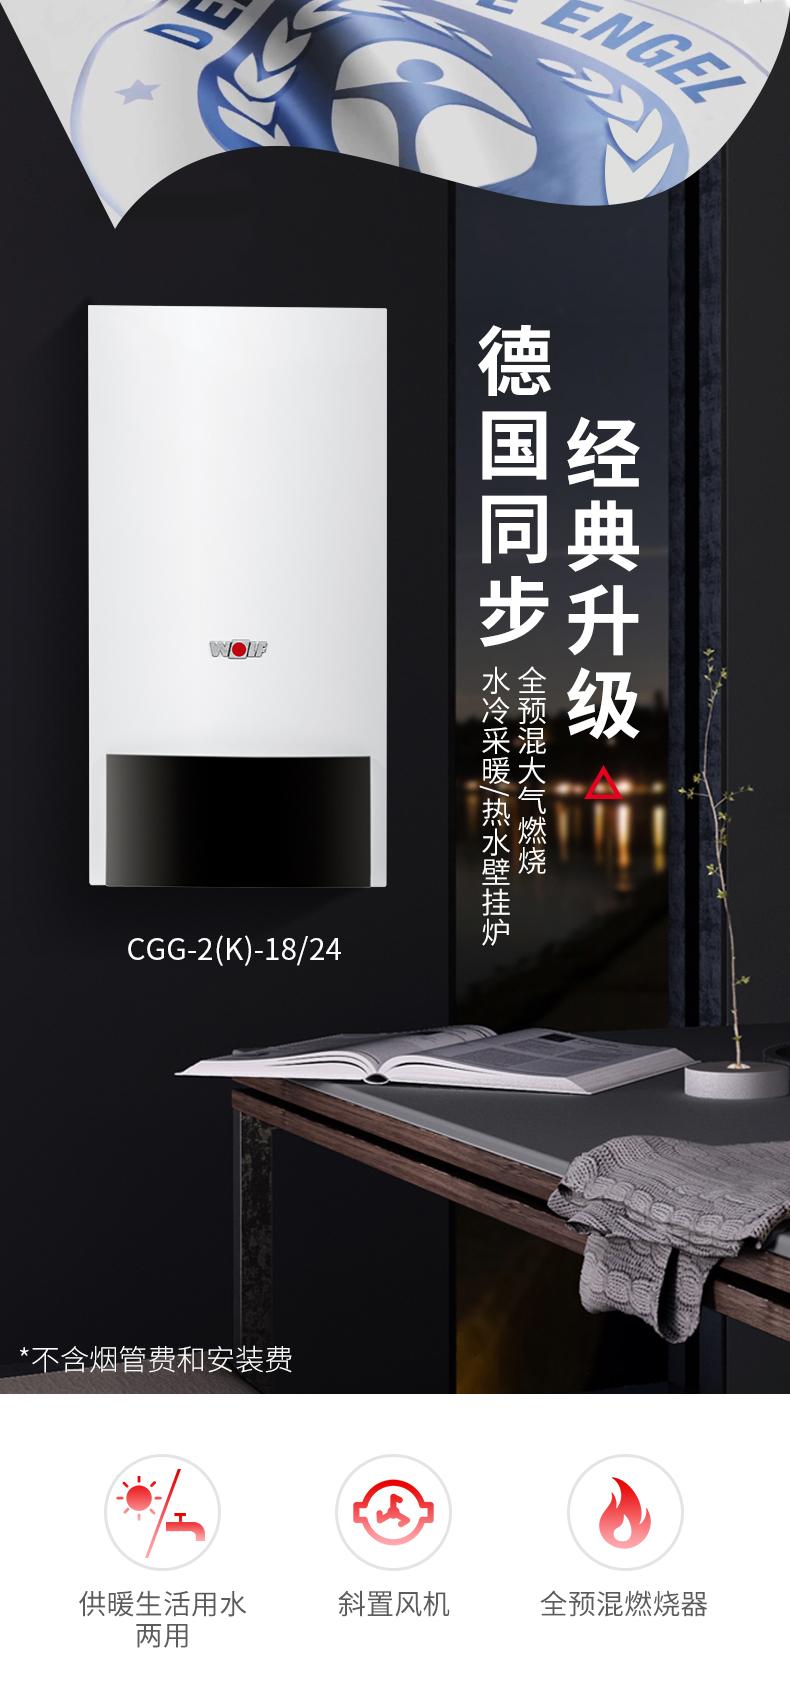 CGG-2K详情页(11月7日修改版)_01.jpg